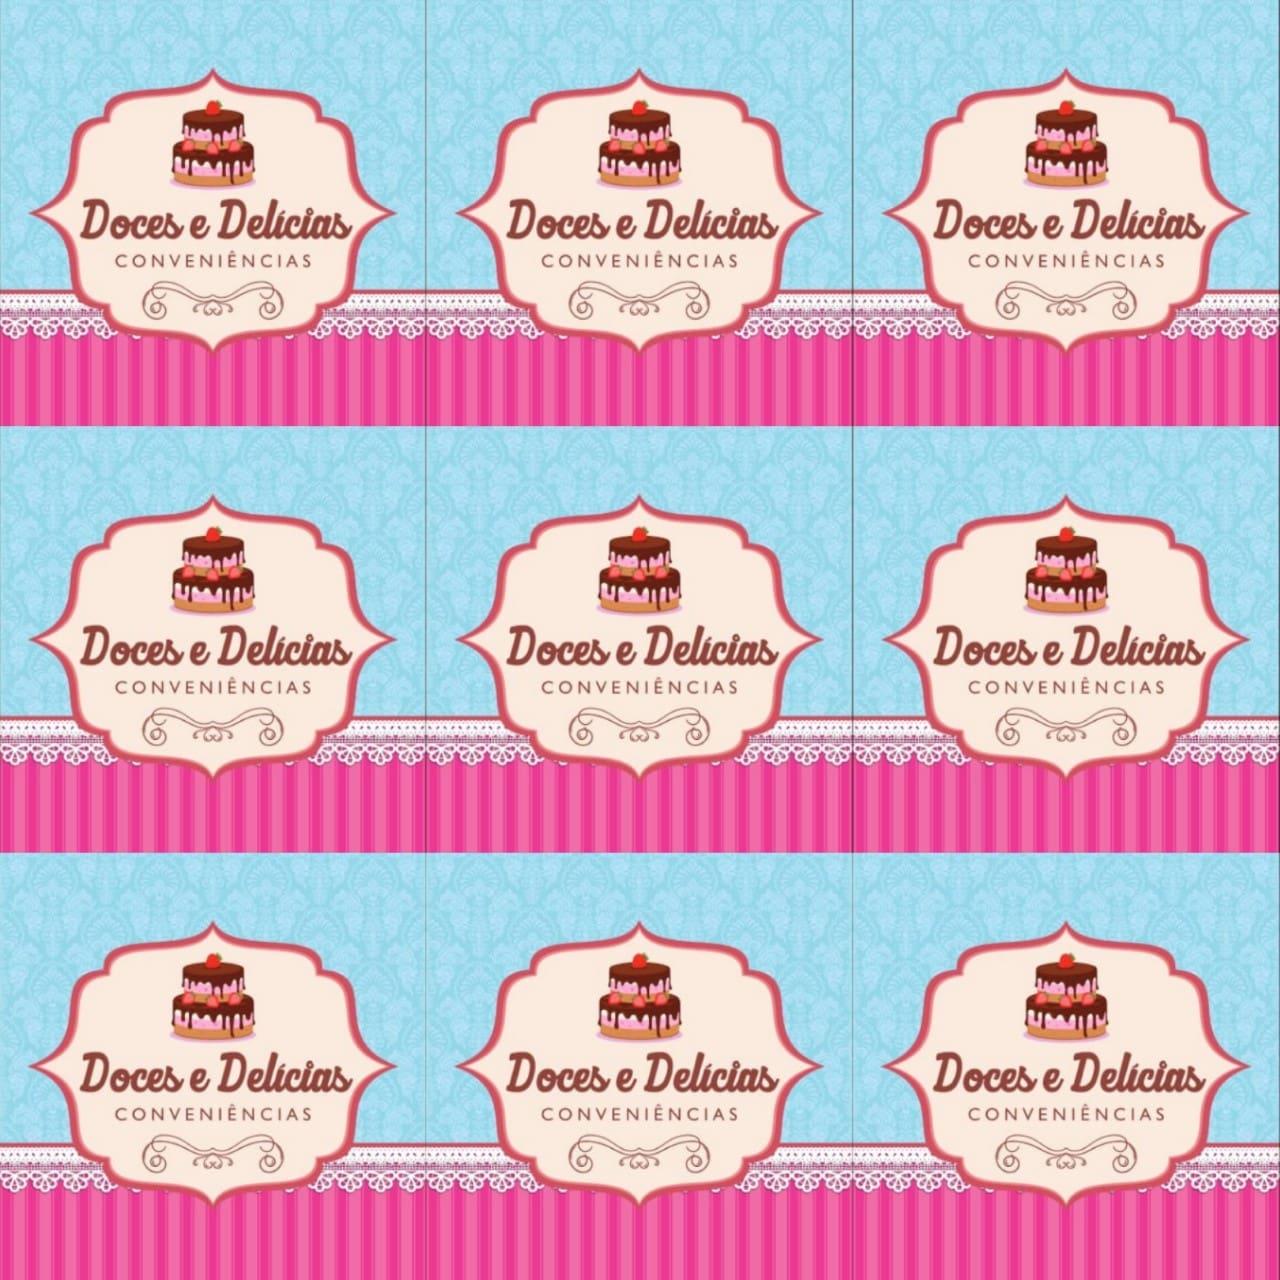 Doces e Delicias